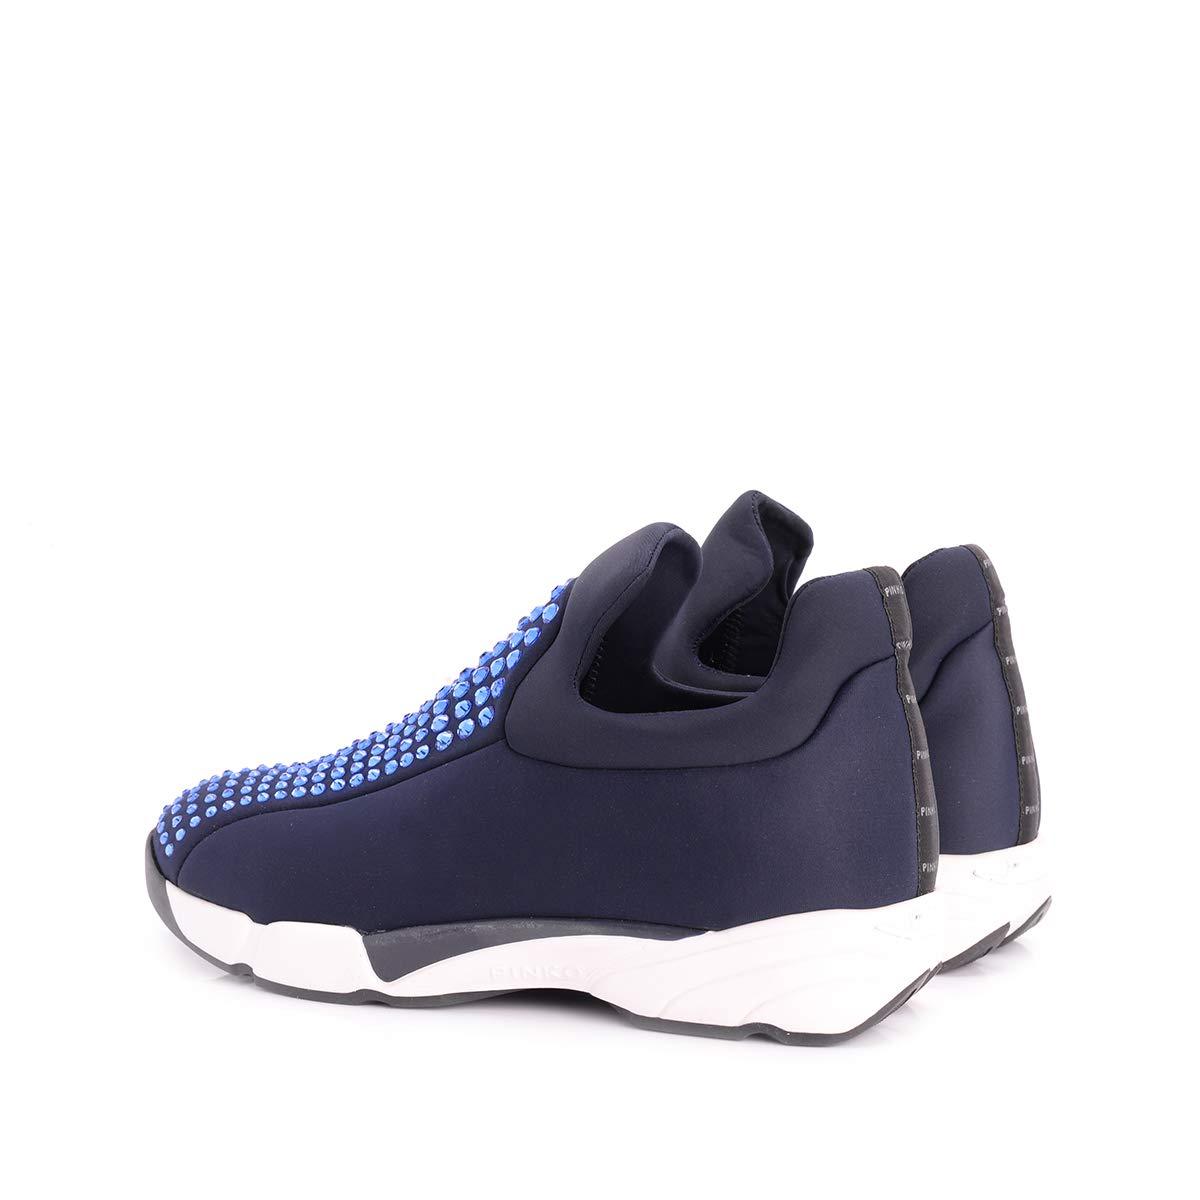 PINKO Sneaker Thay - 1H209Y Y2KP / Thay Sneaker 40(EU) - SIZE: 40(EU) Sneaker - da8338